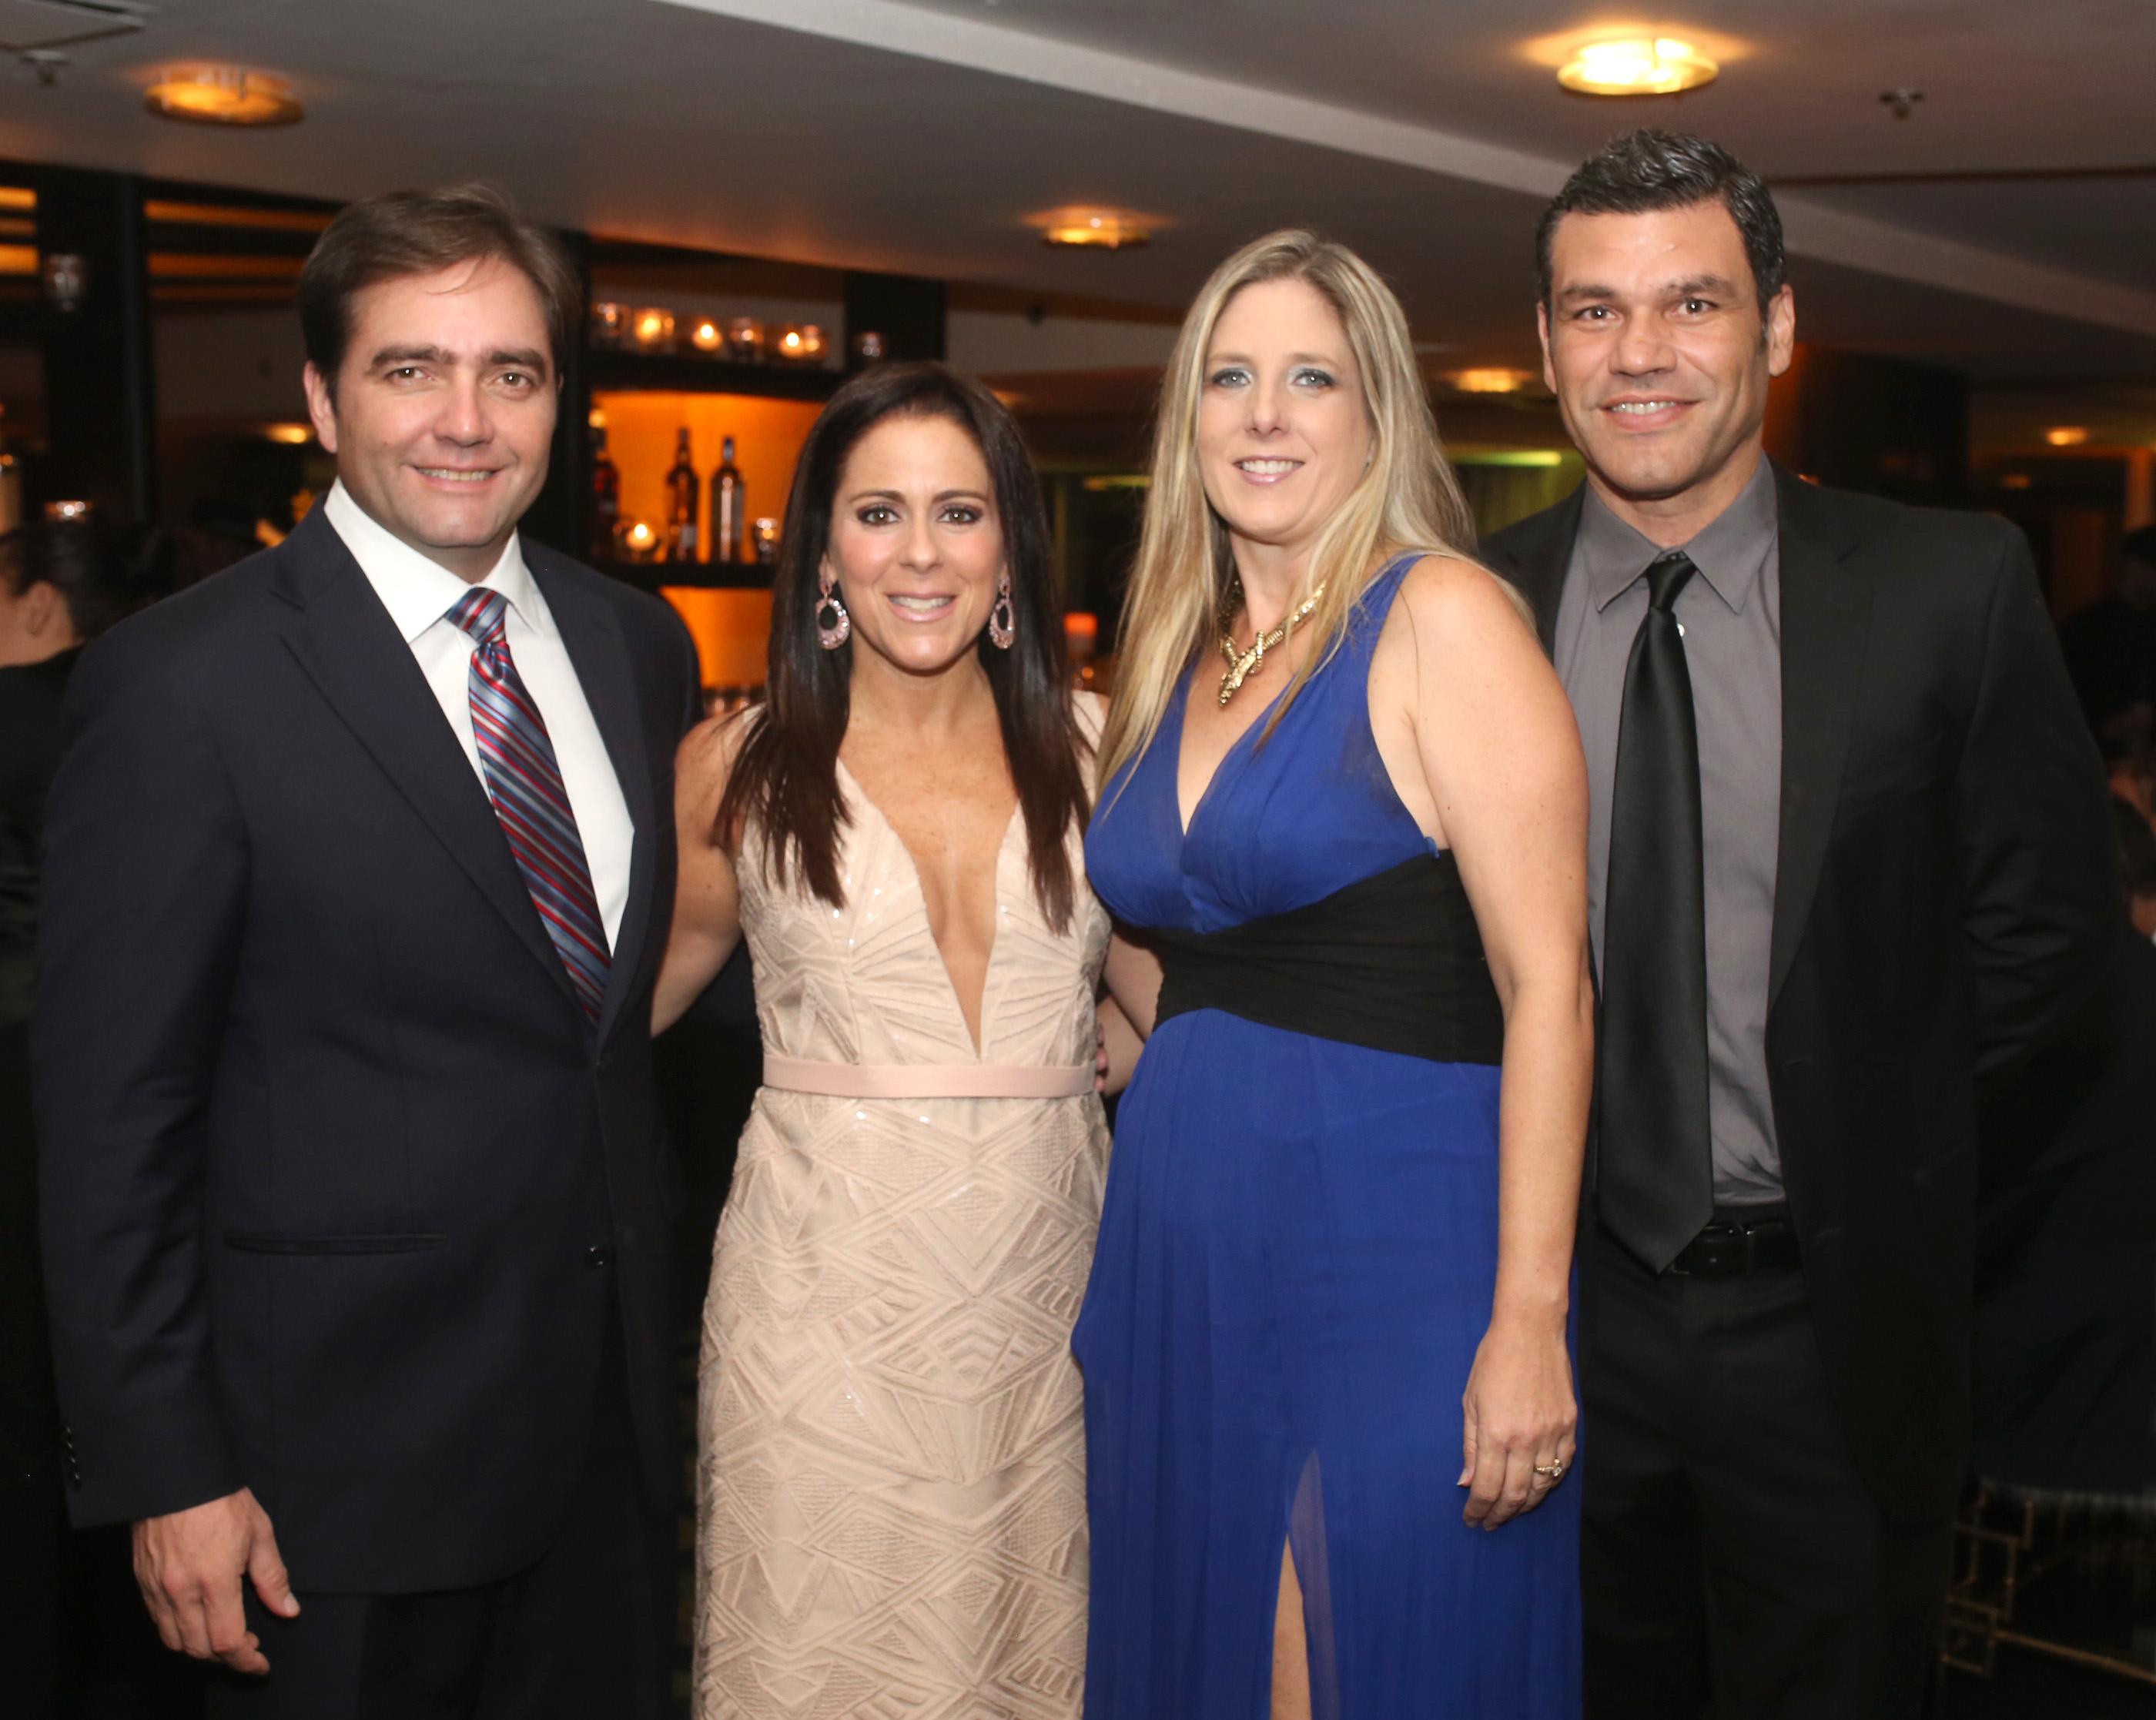 Tito Lebrón, Glori Suau, Vivian Herrero y Carlos Vázquez. Foto: José R. Pérez Centeno.